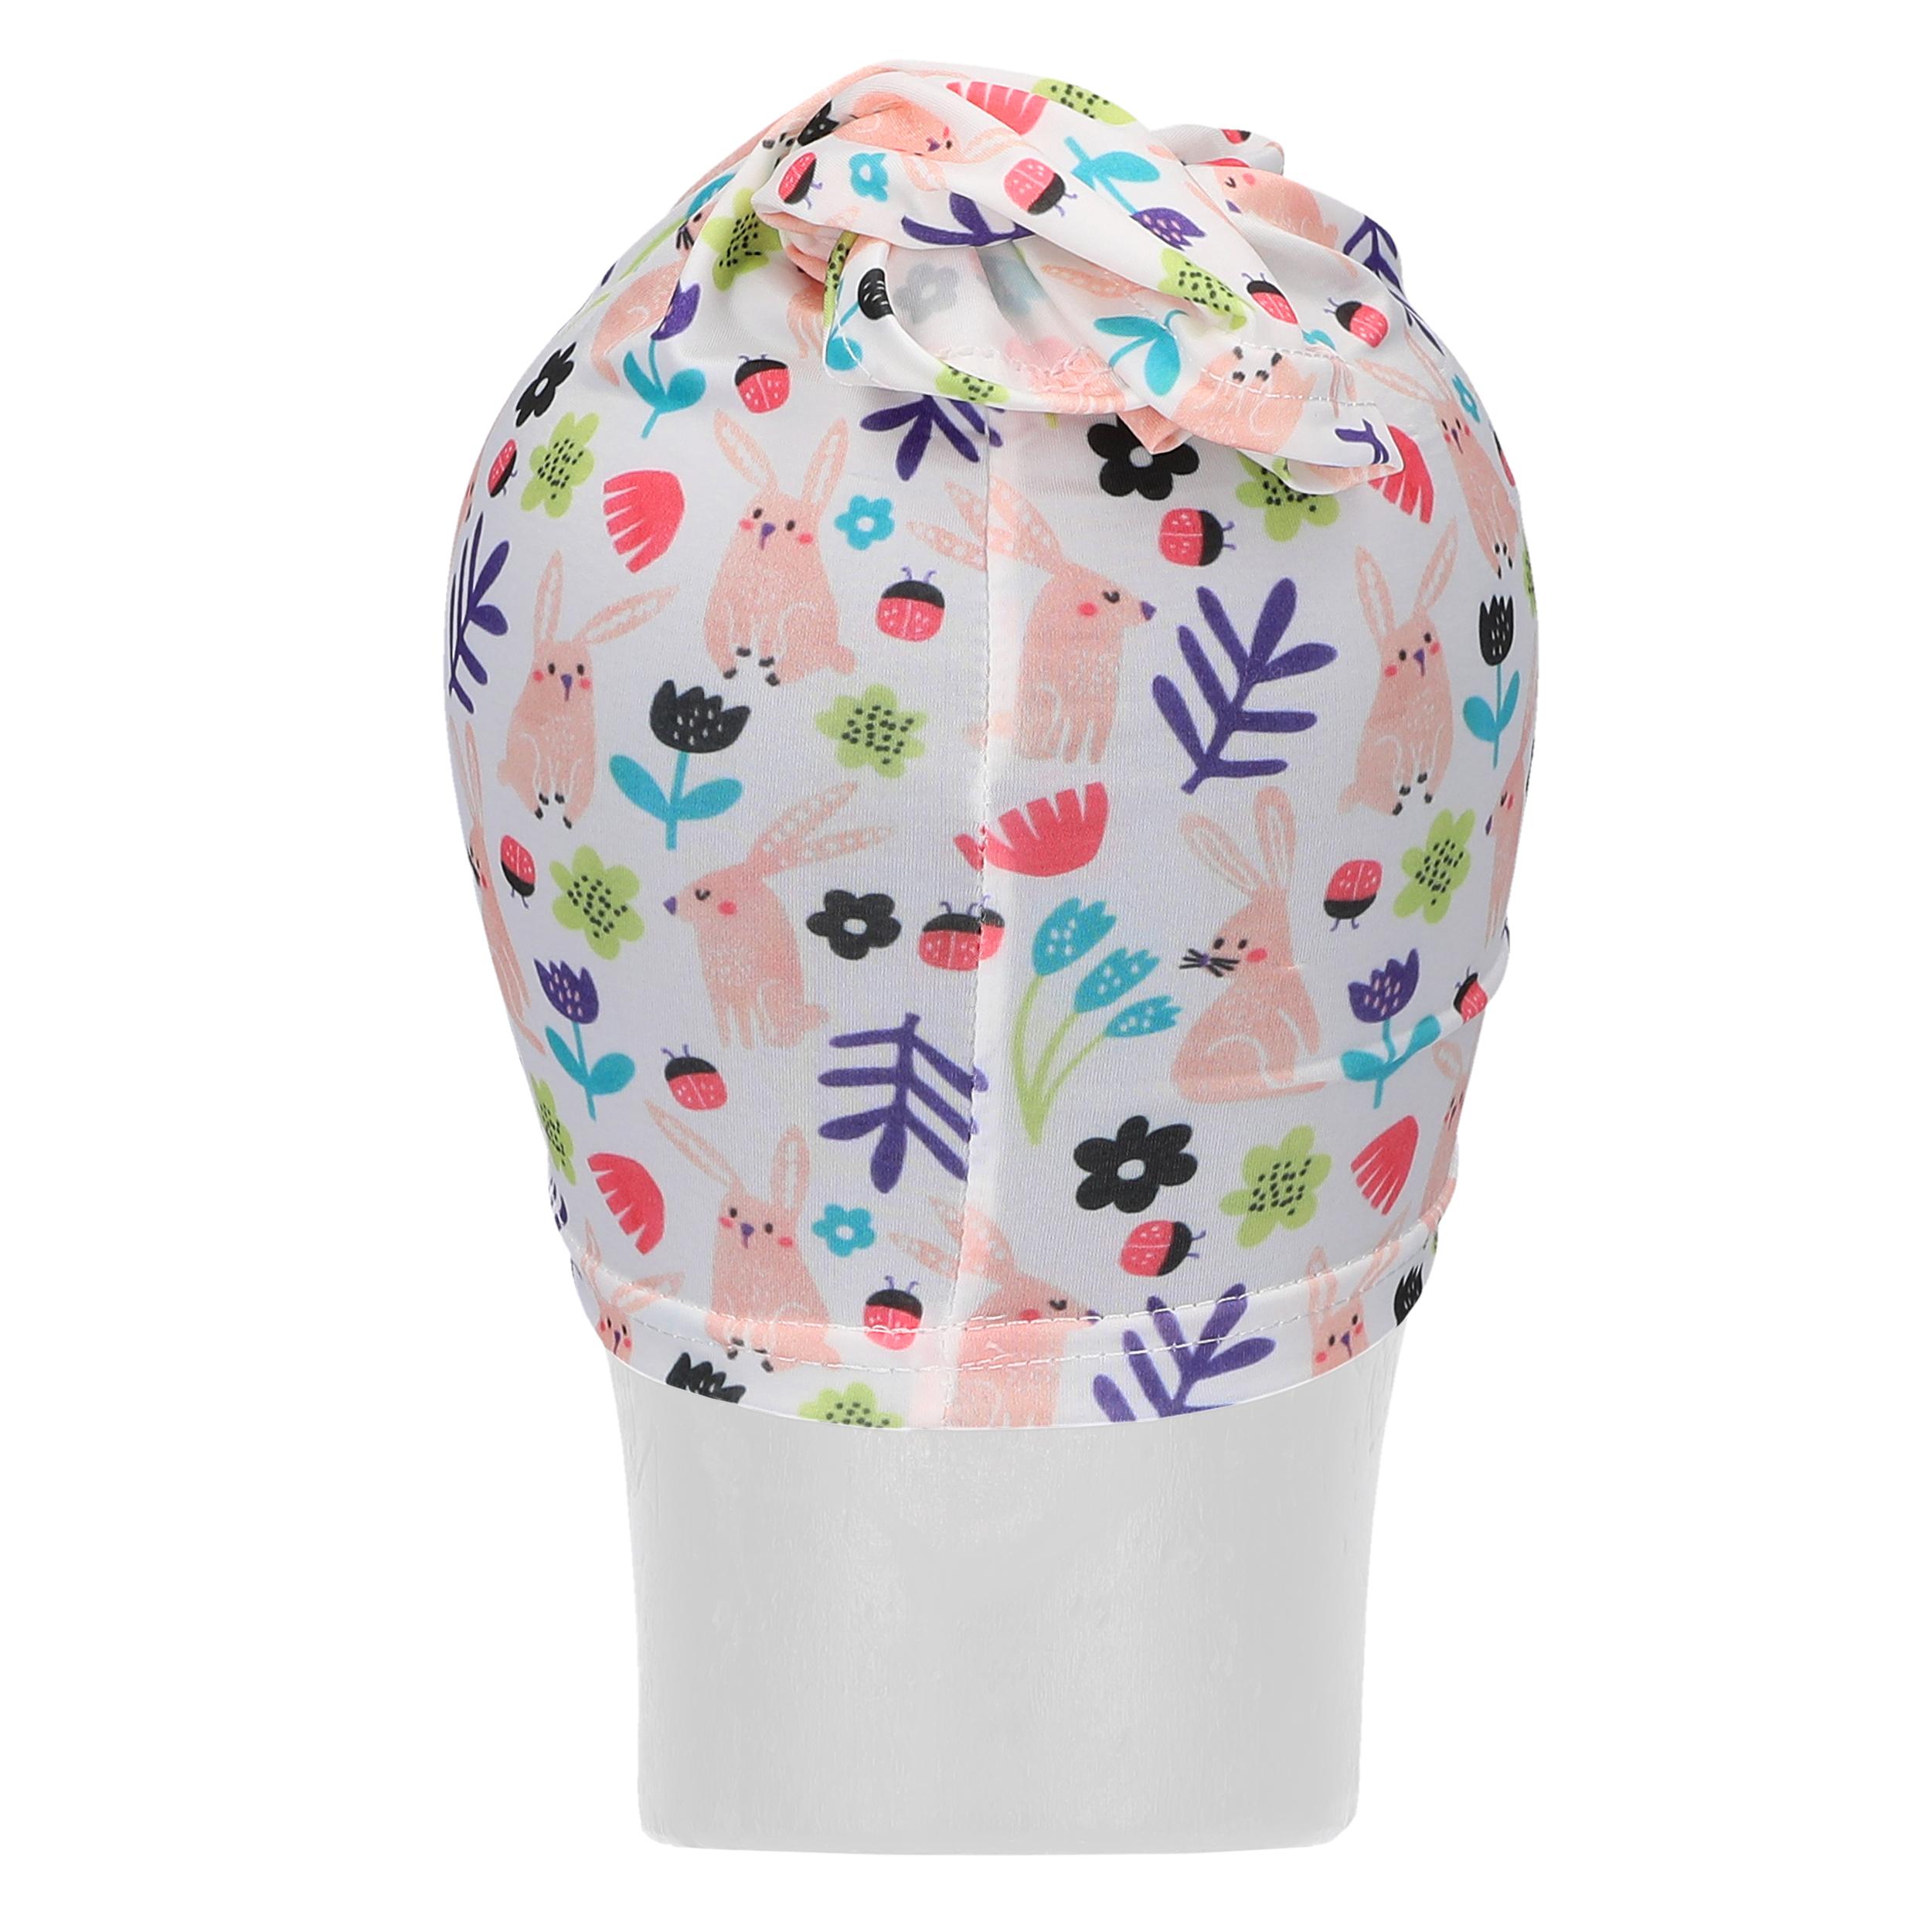 Indexbild 128 - Kinder Schlauchschal Maske Gesichtsmaske Mund Nase Bedeckung Halstuch waschbar